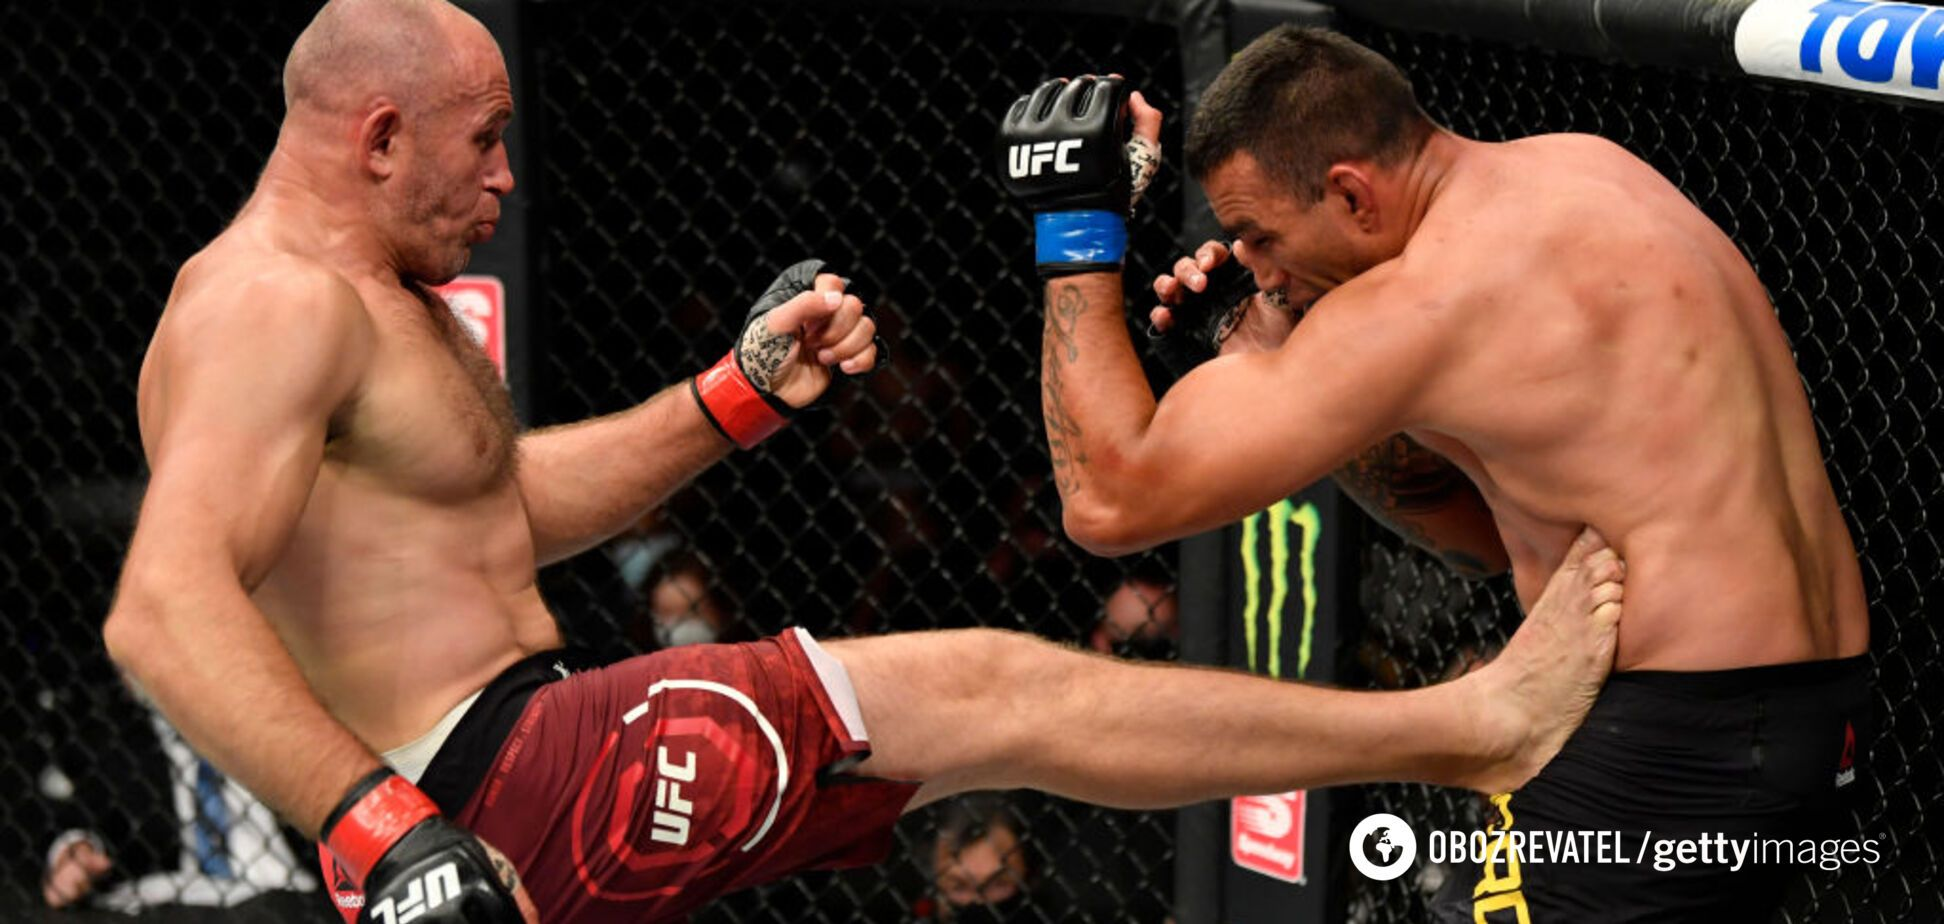 Олейник добыл тяжелую победу над Вердумом в UFC 249